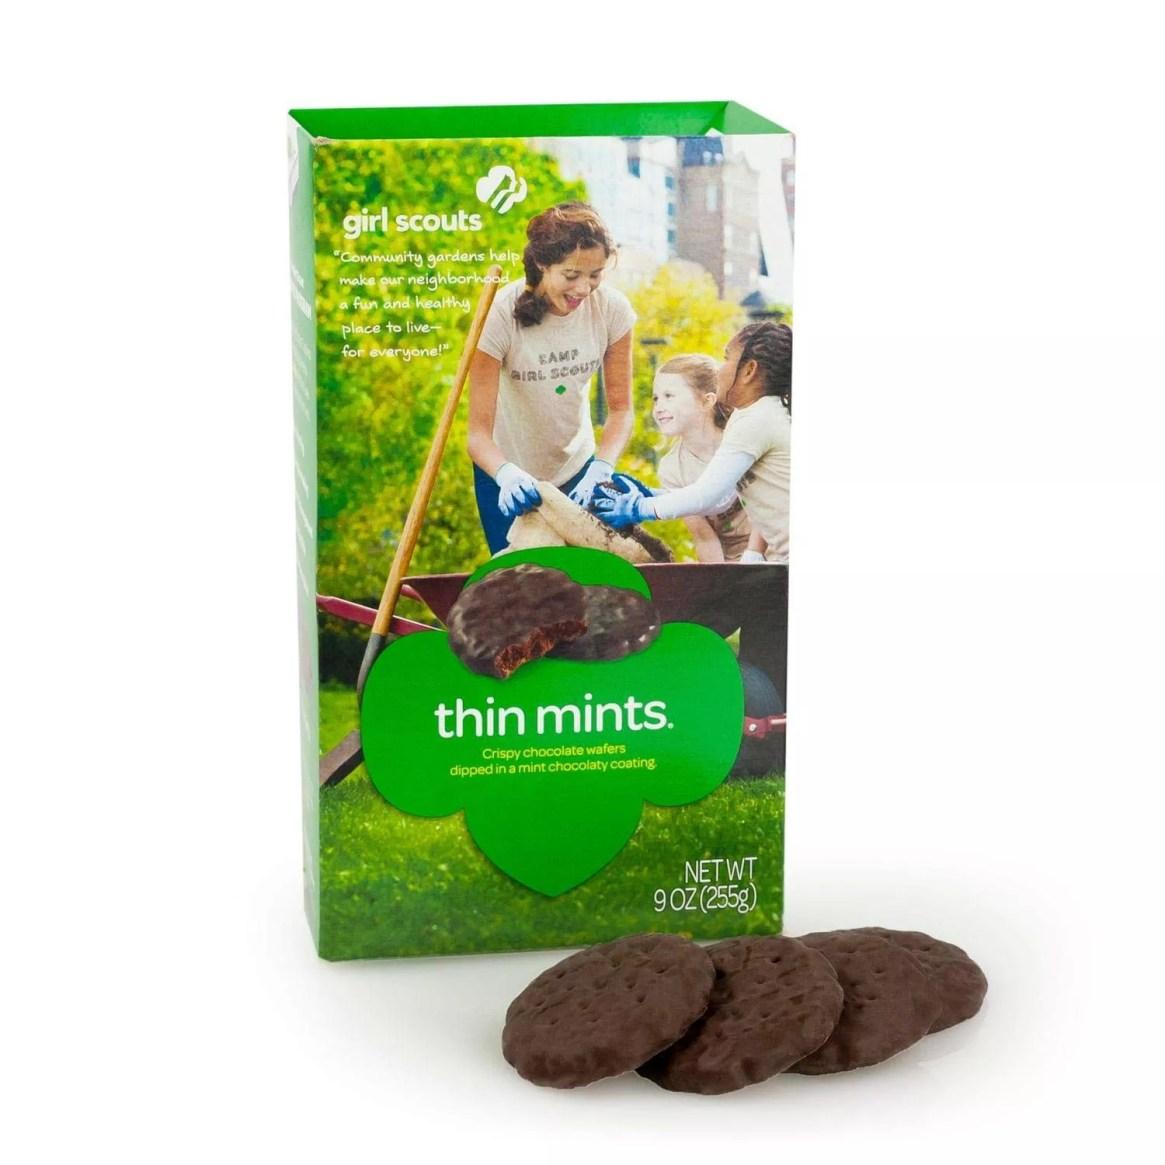 thin mint